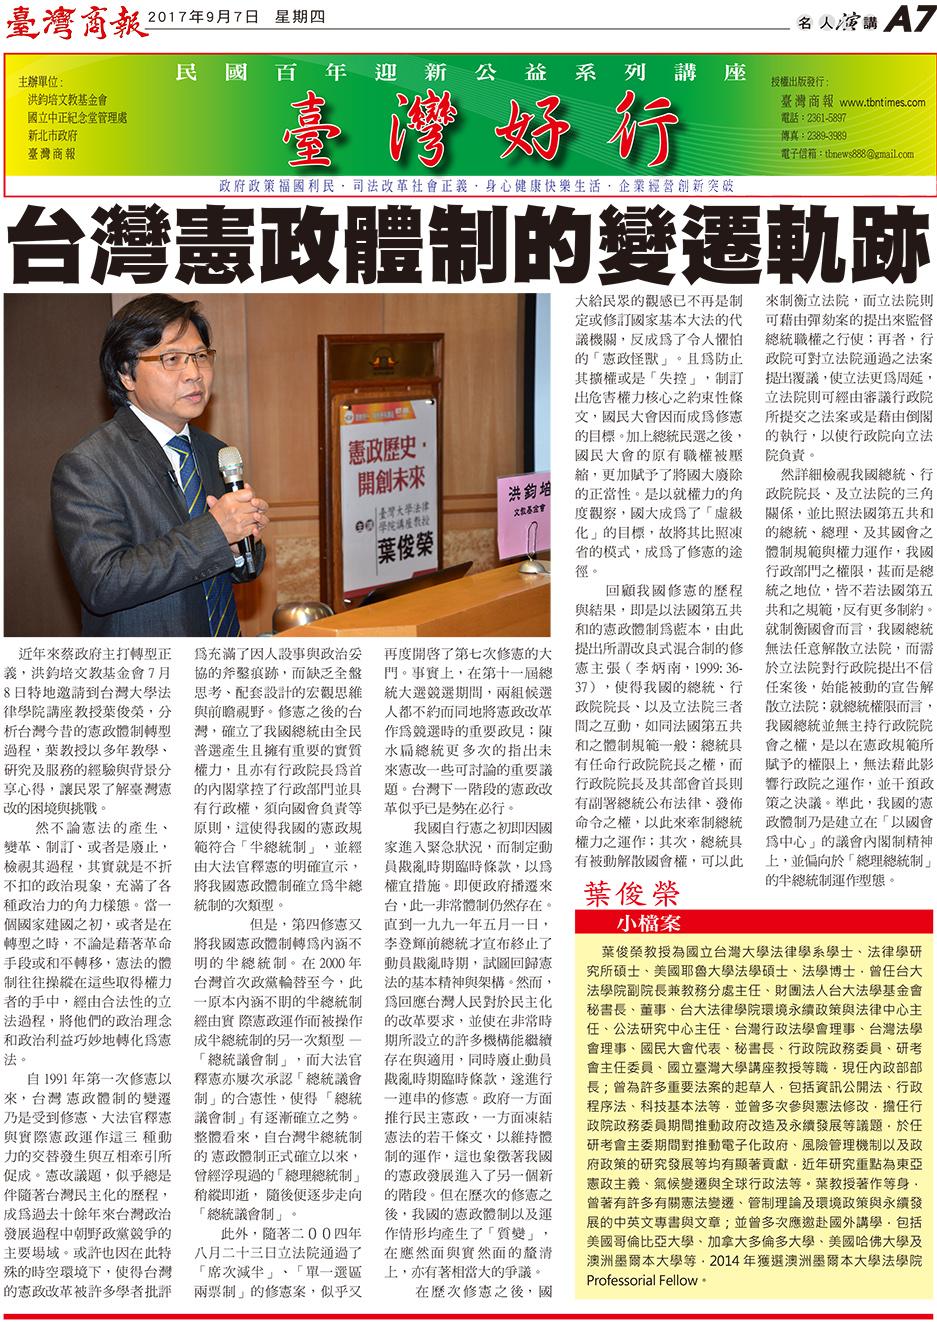 台灣憲政體制的變遷軌跡